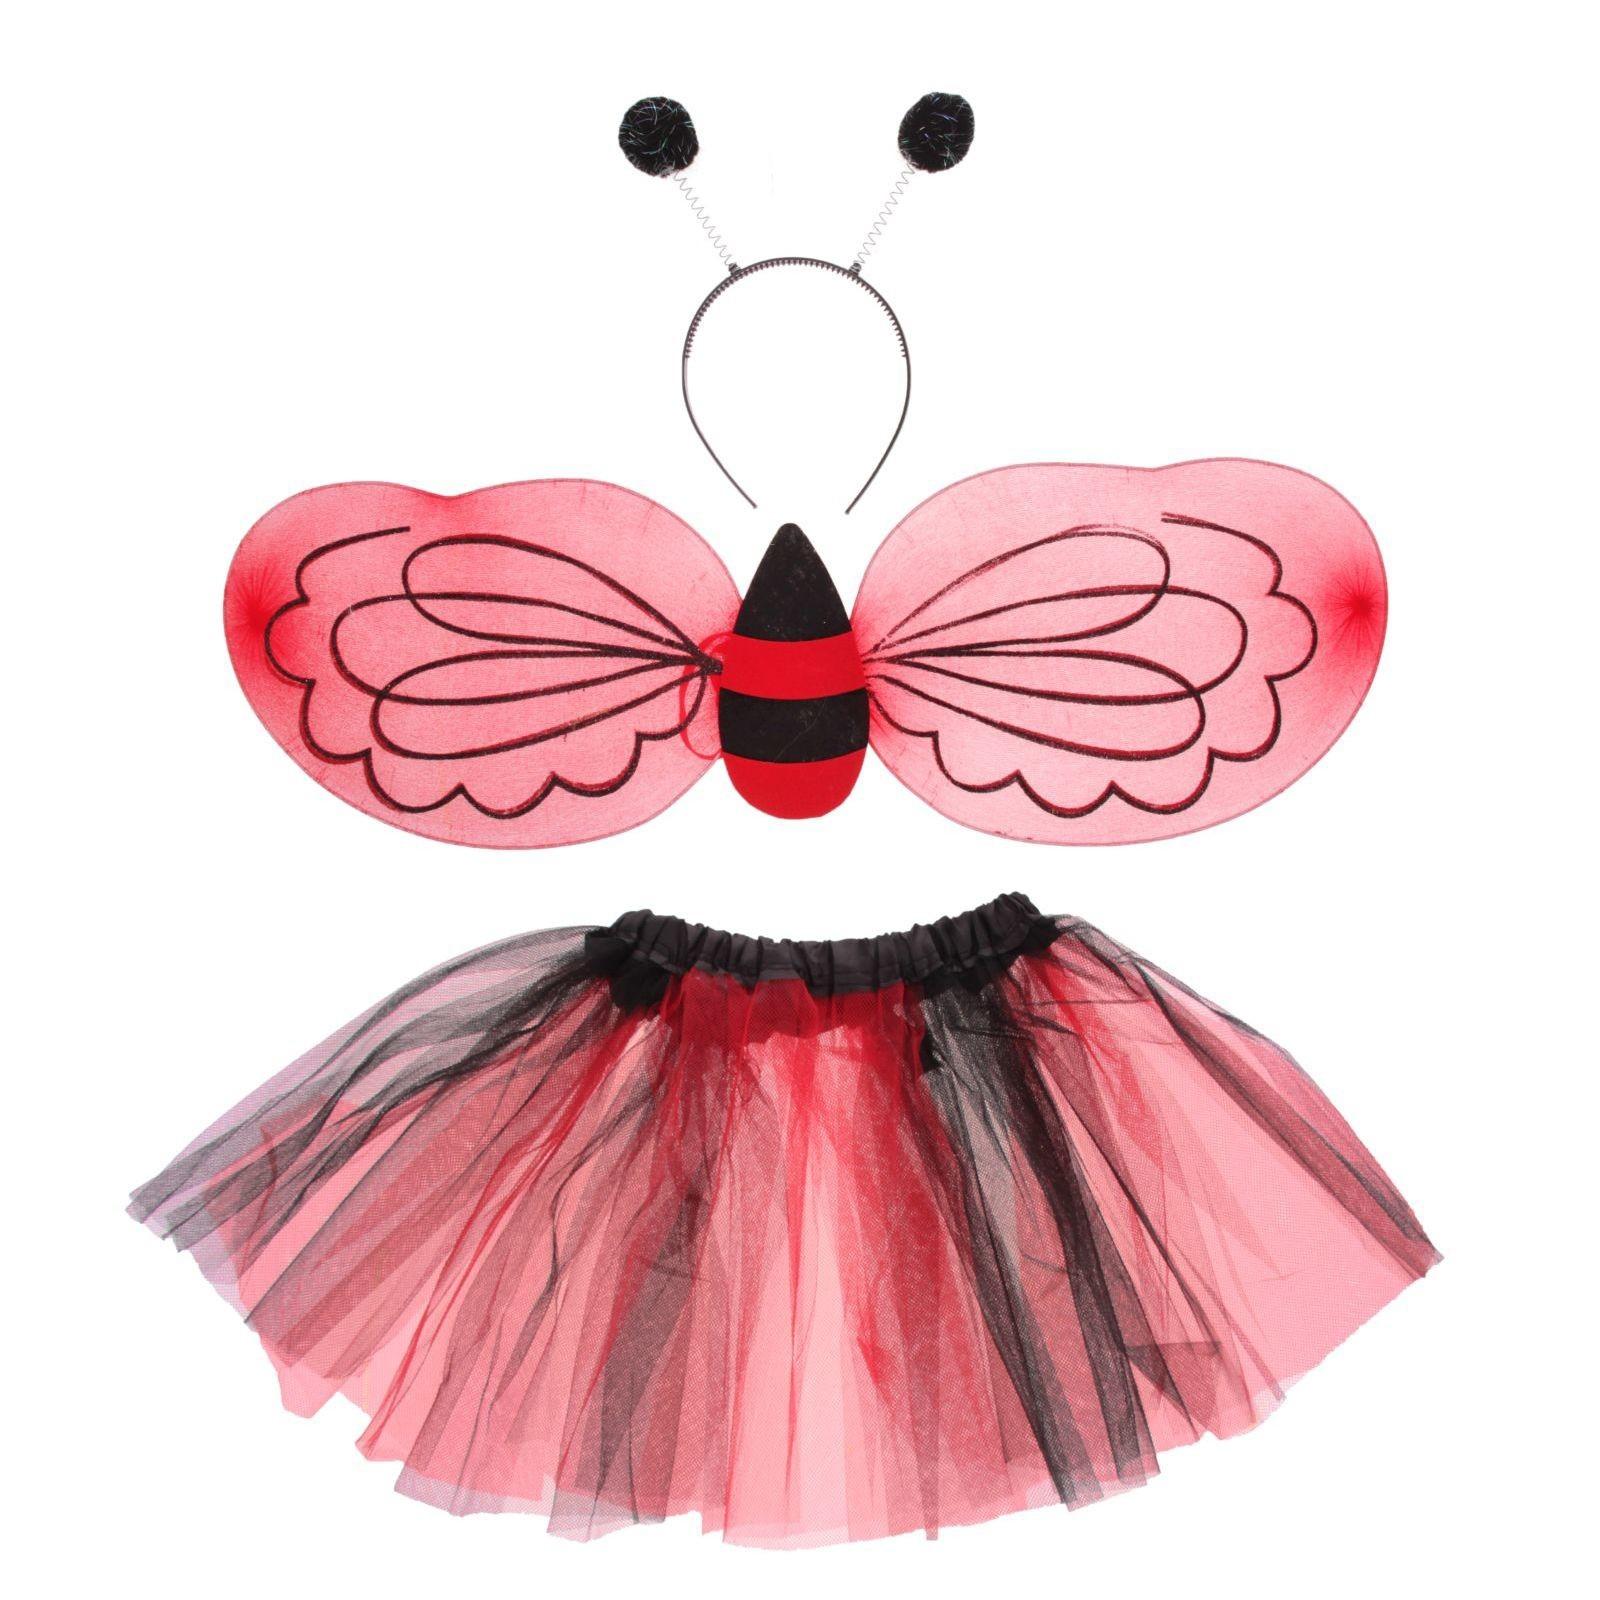 Карнавальный набор Букашка (26) карнавальный набор шампания бабочка ободок с пух палочка